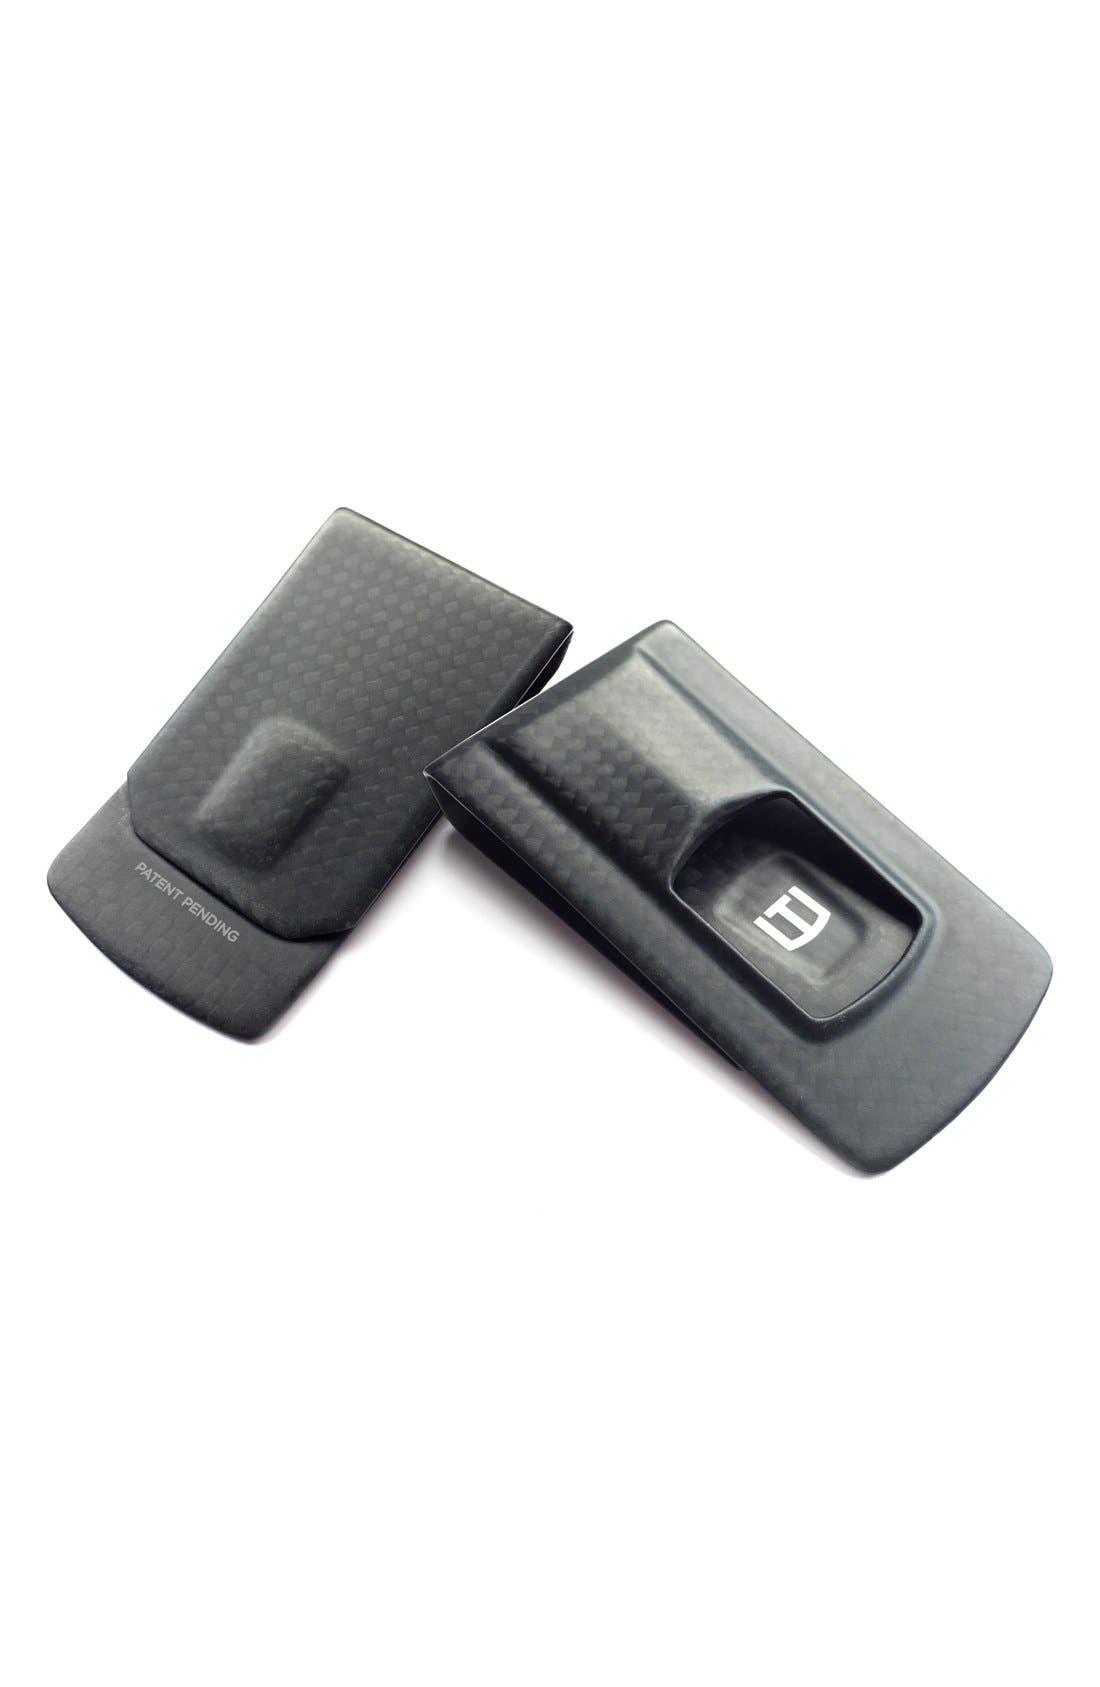 Main Image - M-Clip® Carbon Fiber Money Clip